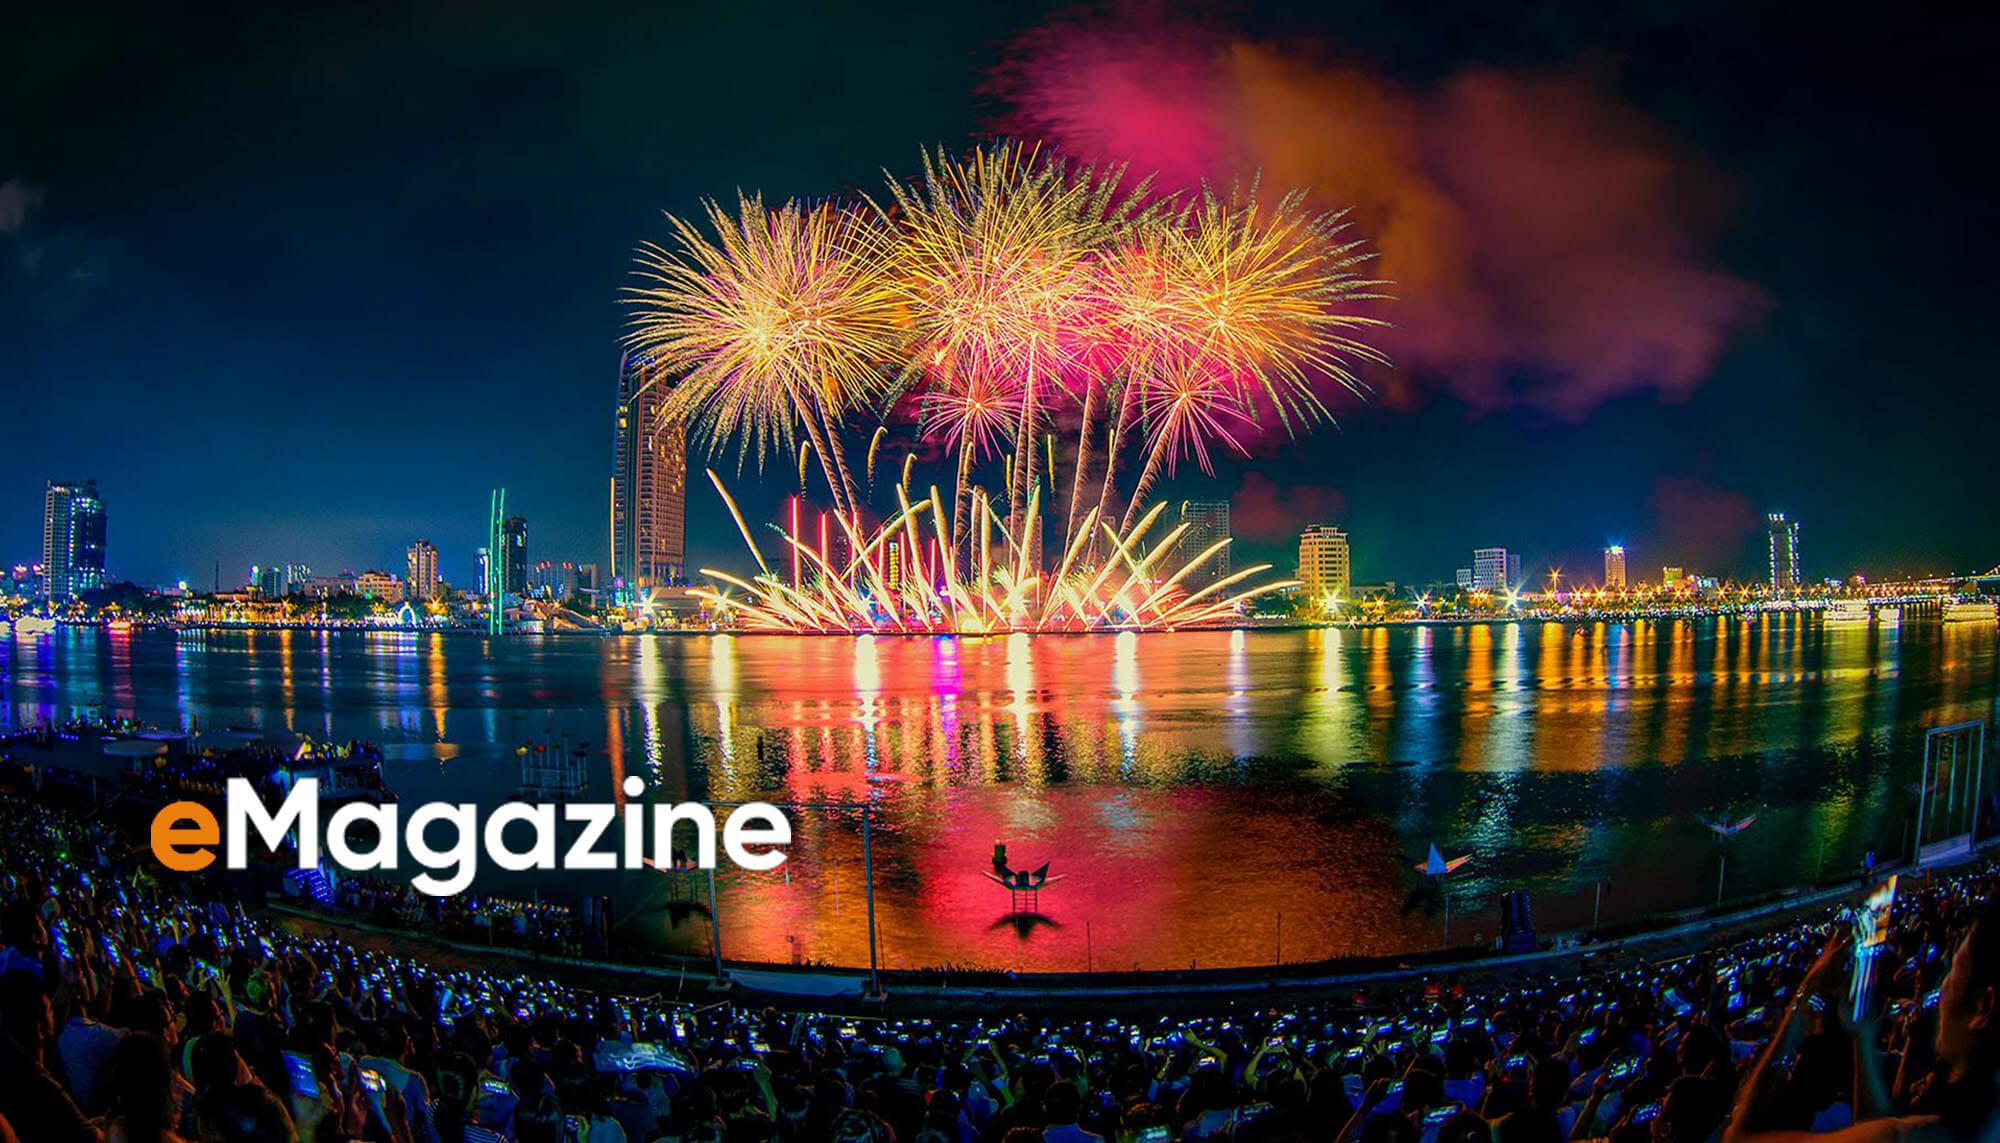 Hé lộ kịch bản và sân khấu đêm khai mạc Lễ hội pháo hoa Quốc tế Đà Nẵng 6